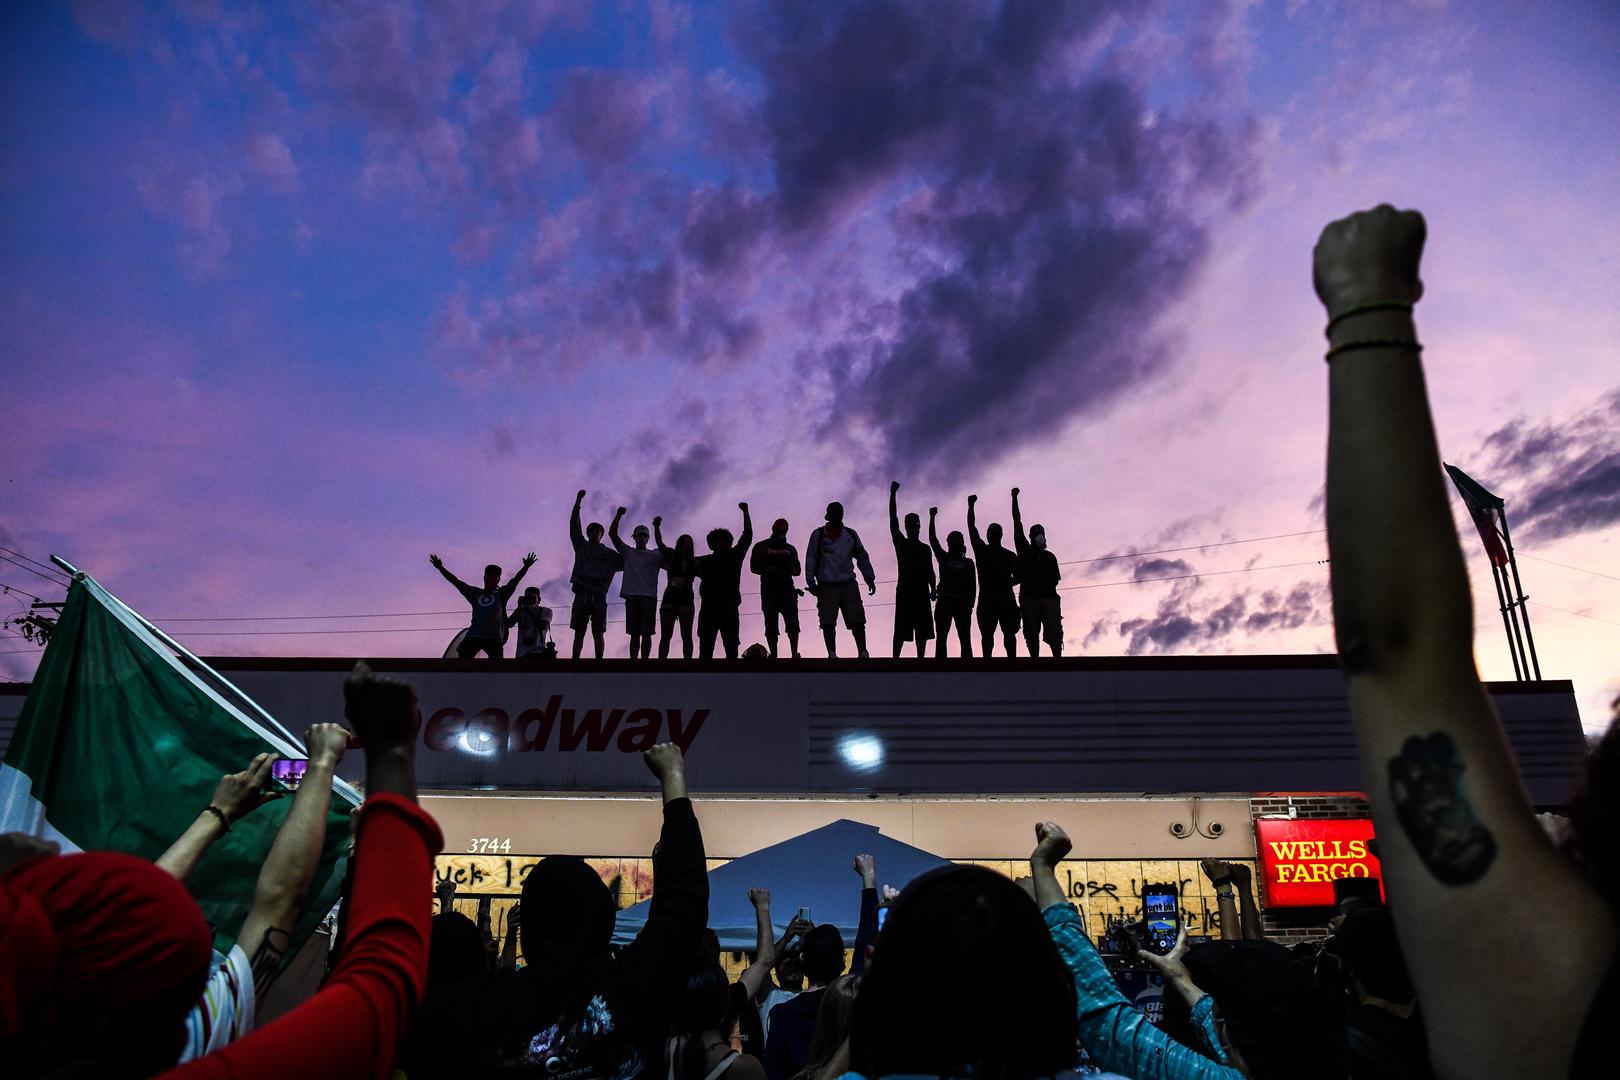 فيسبوك يحذف حسابات مجموعة ناقشت تسليح  المحتجين في الولايات المتحدة